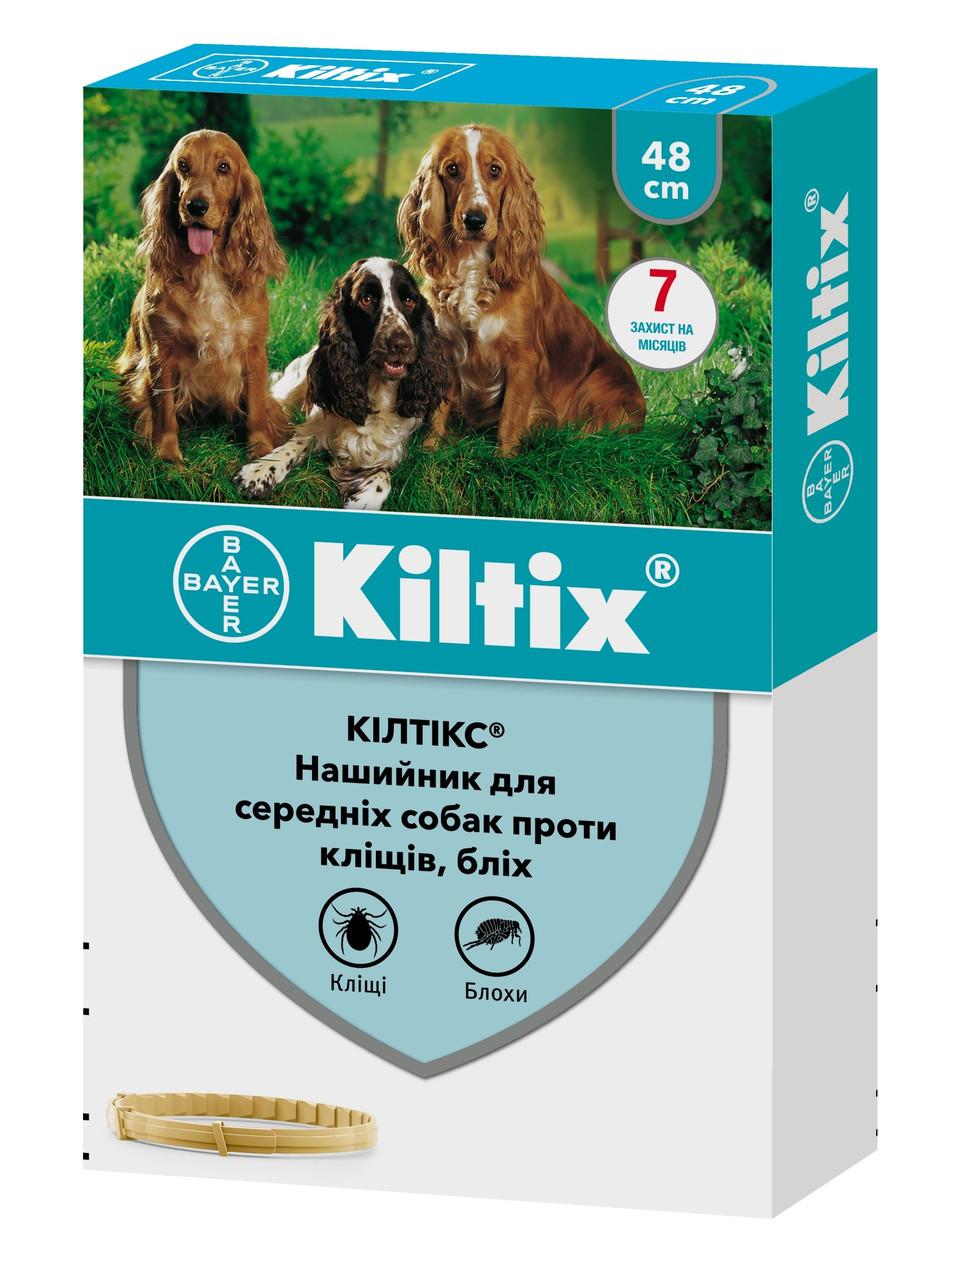 Нашийник від бліх та кліщів Килтикс Kiltix Bayer для собак середніх порід 48 см